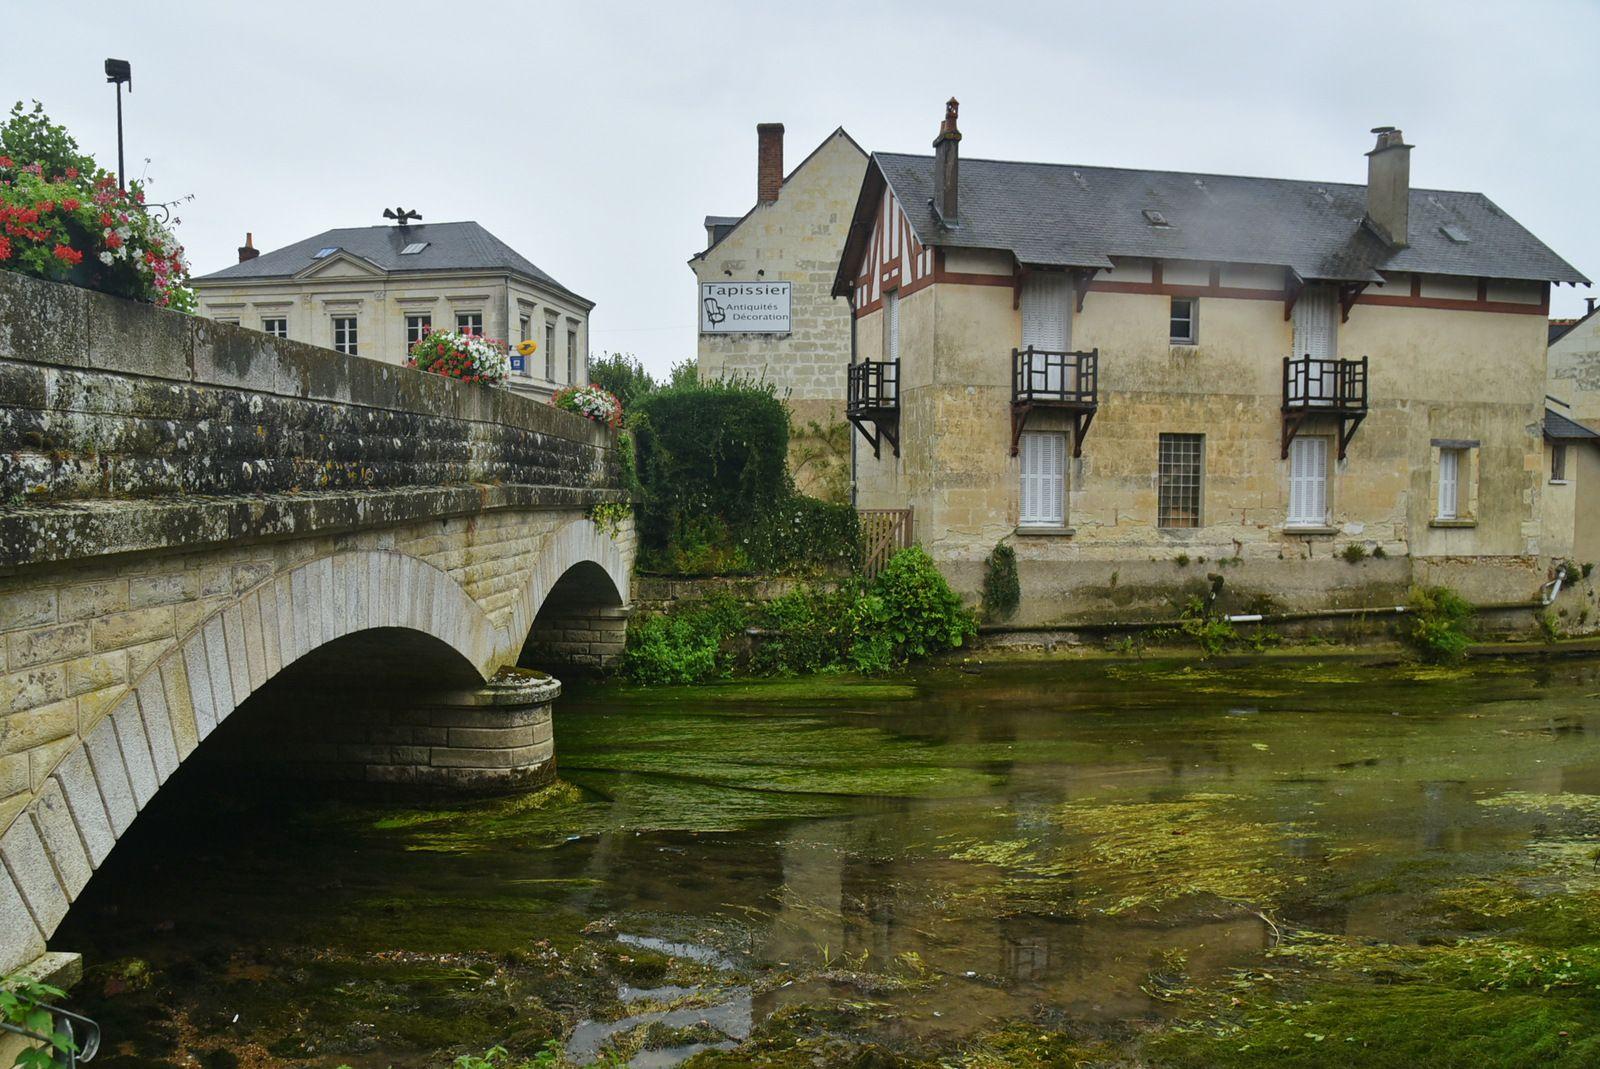 Un jour de pluie au bord du Loir, une grande armoire à livres ... d'échanges gratuits (Photos Fcn, le 16 septembre 2021)